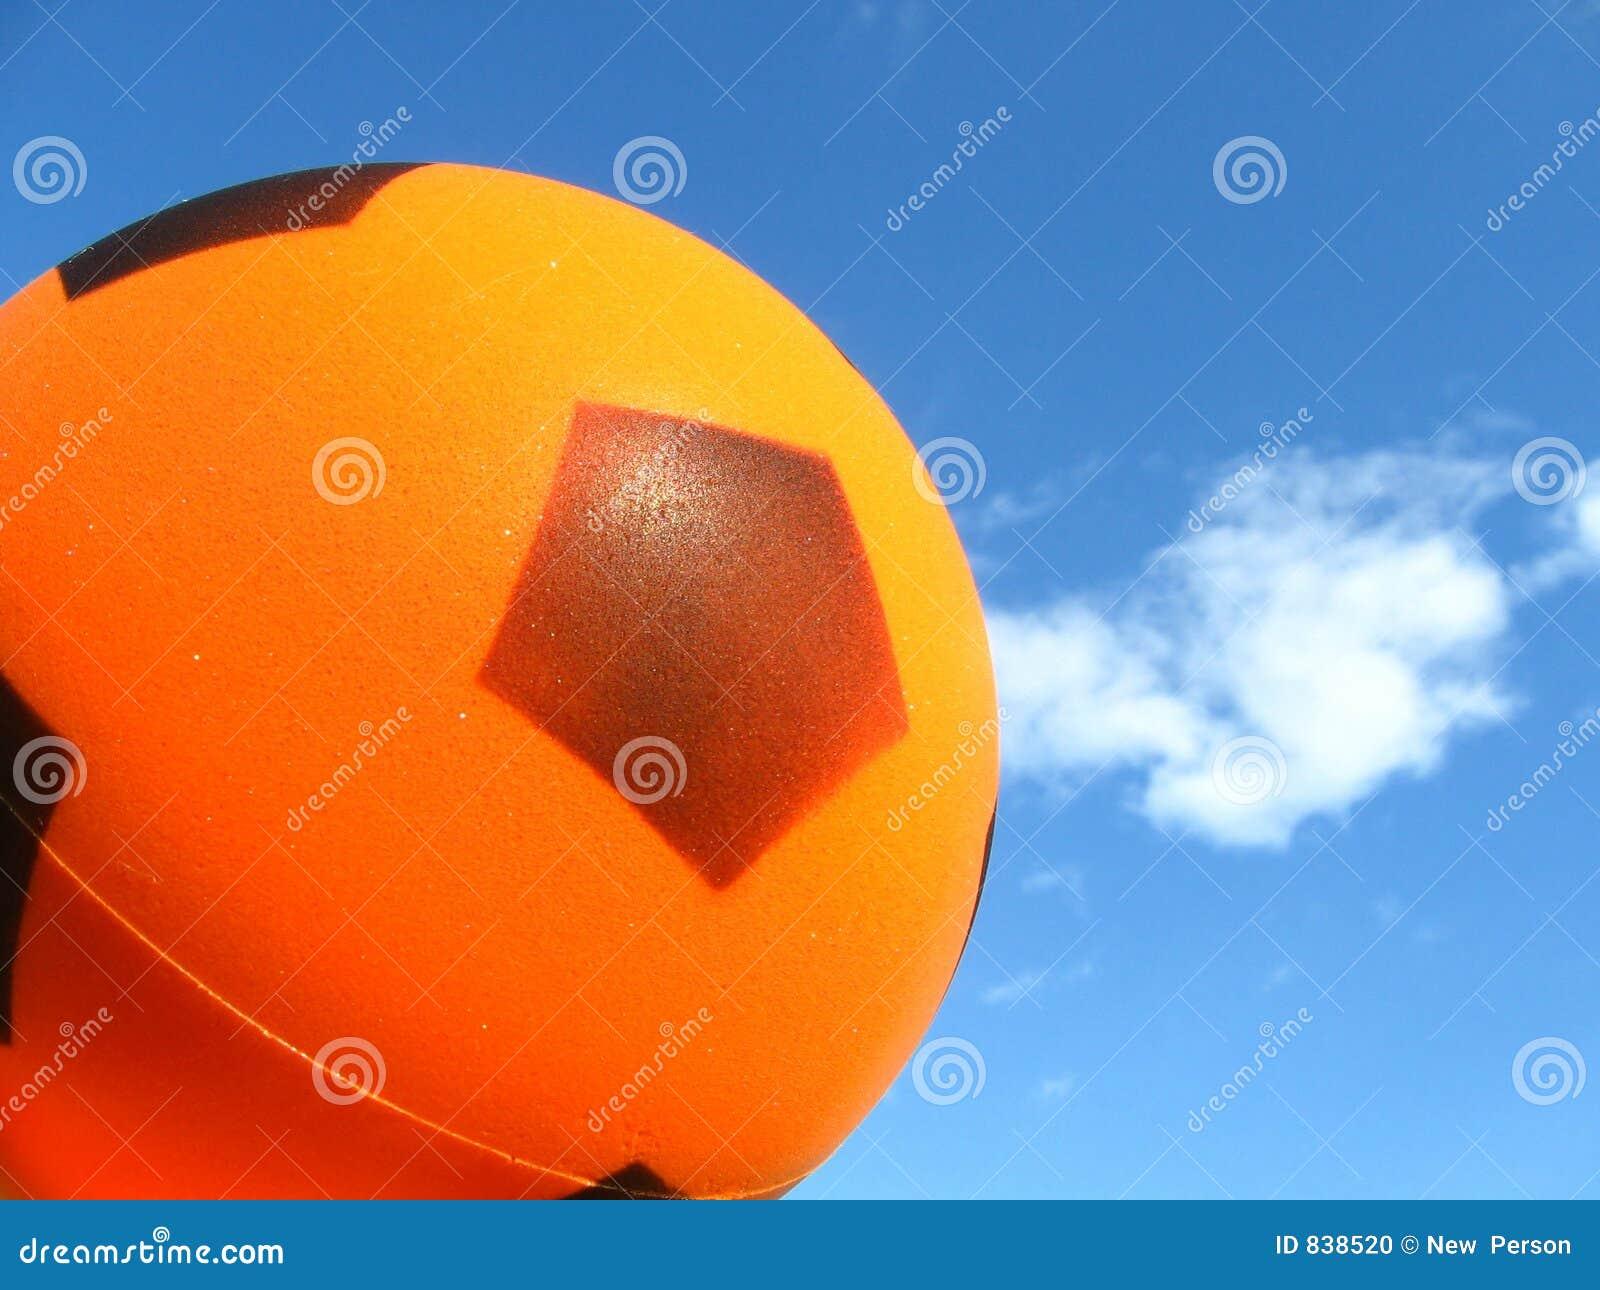 Ball on the sky